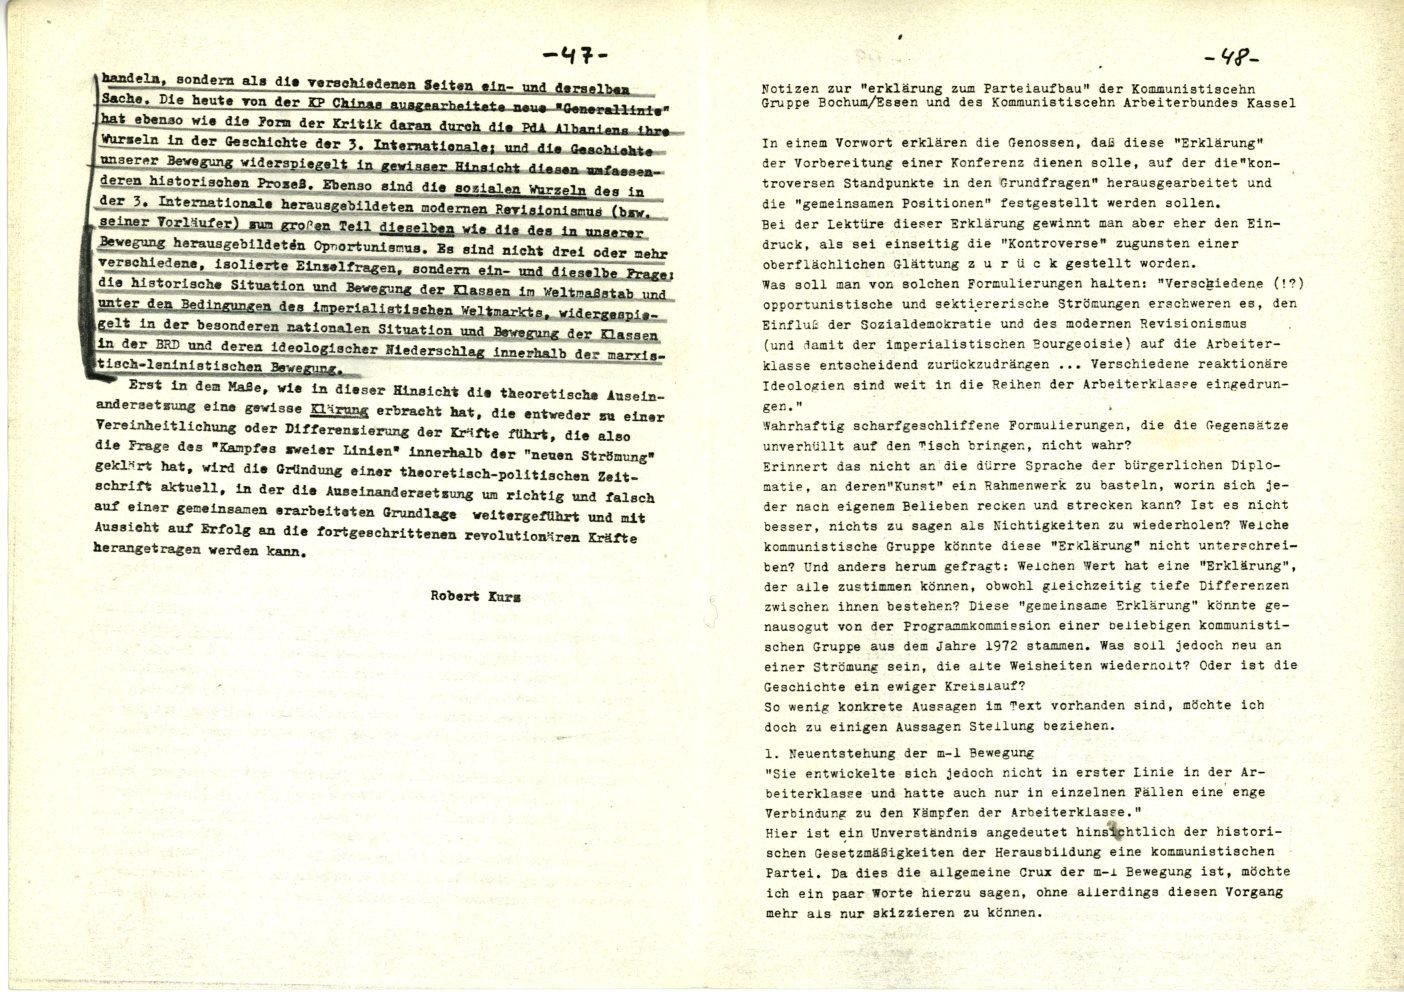 Nuernberg_Fuerth_Erlangen_ML_Diskussionsbeitraege_1978_01_25